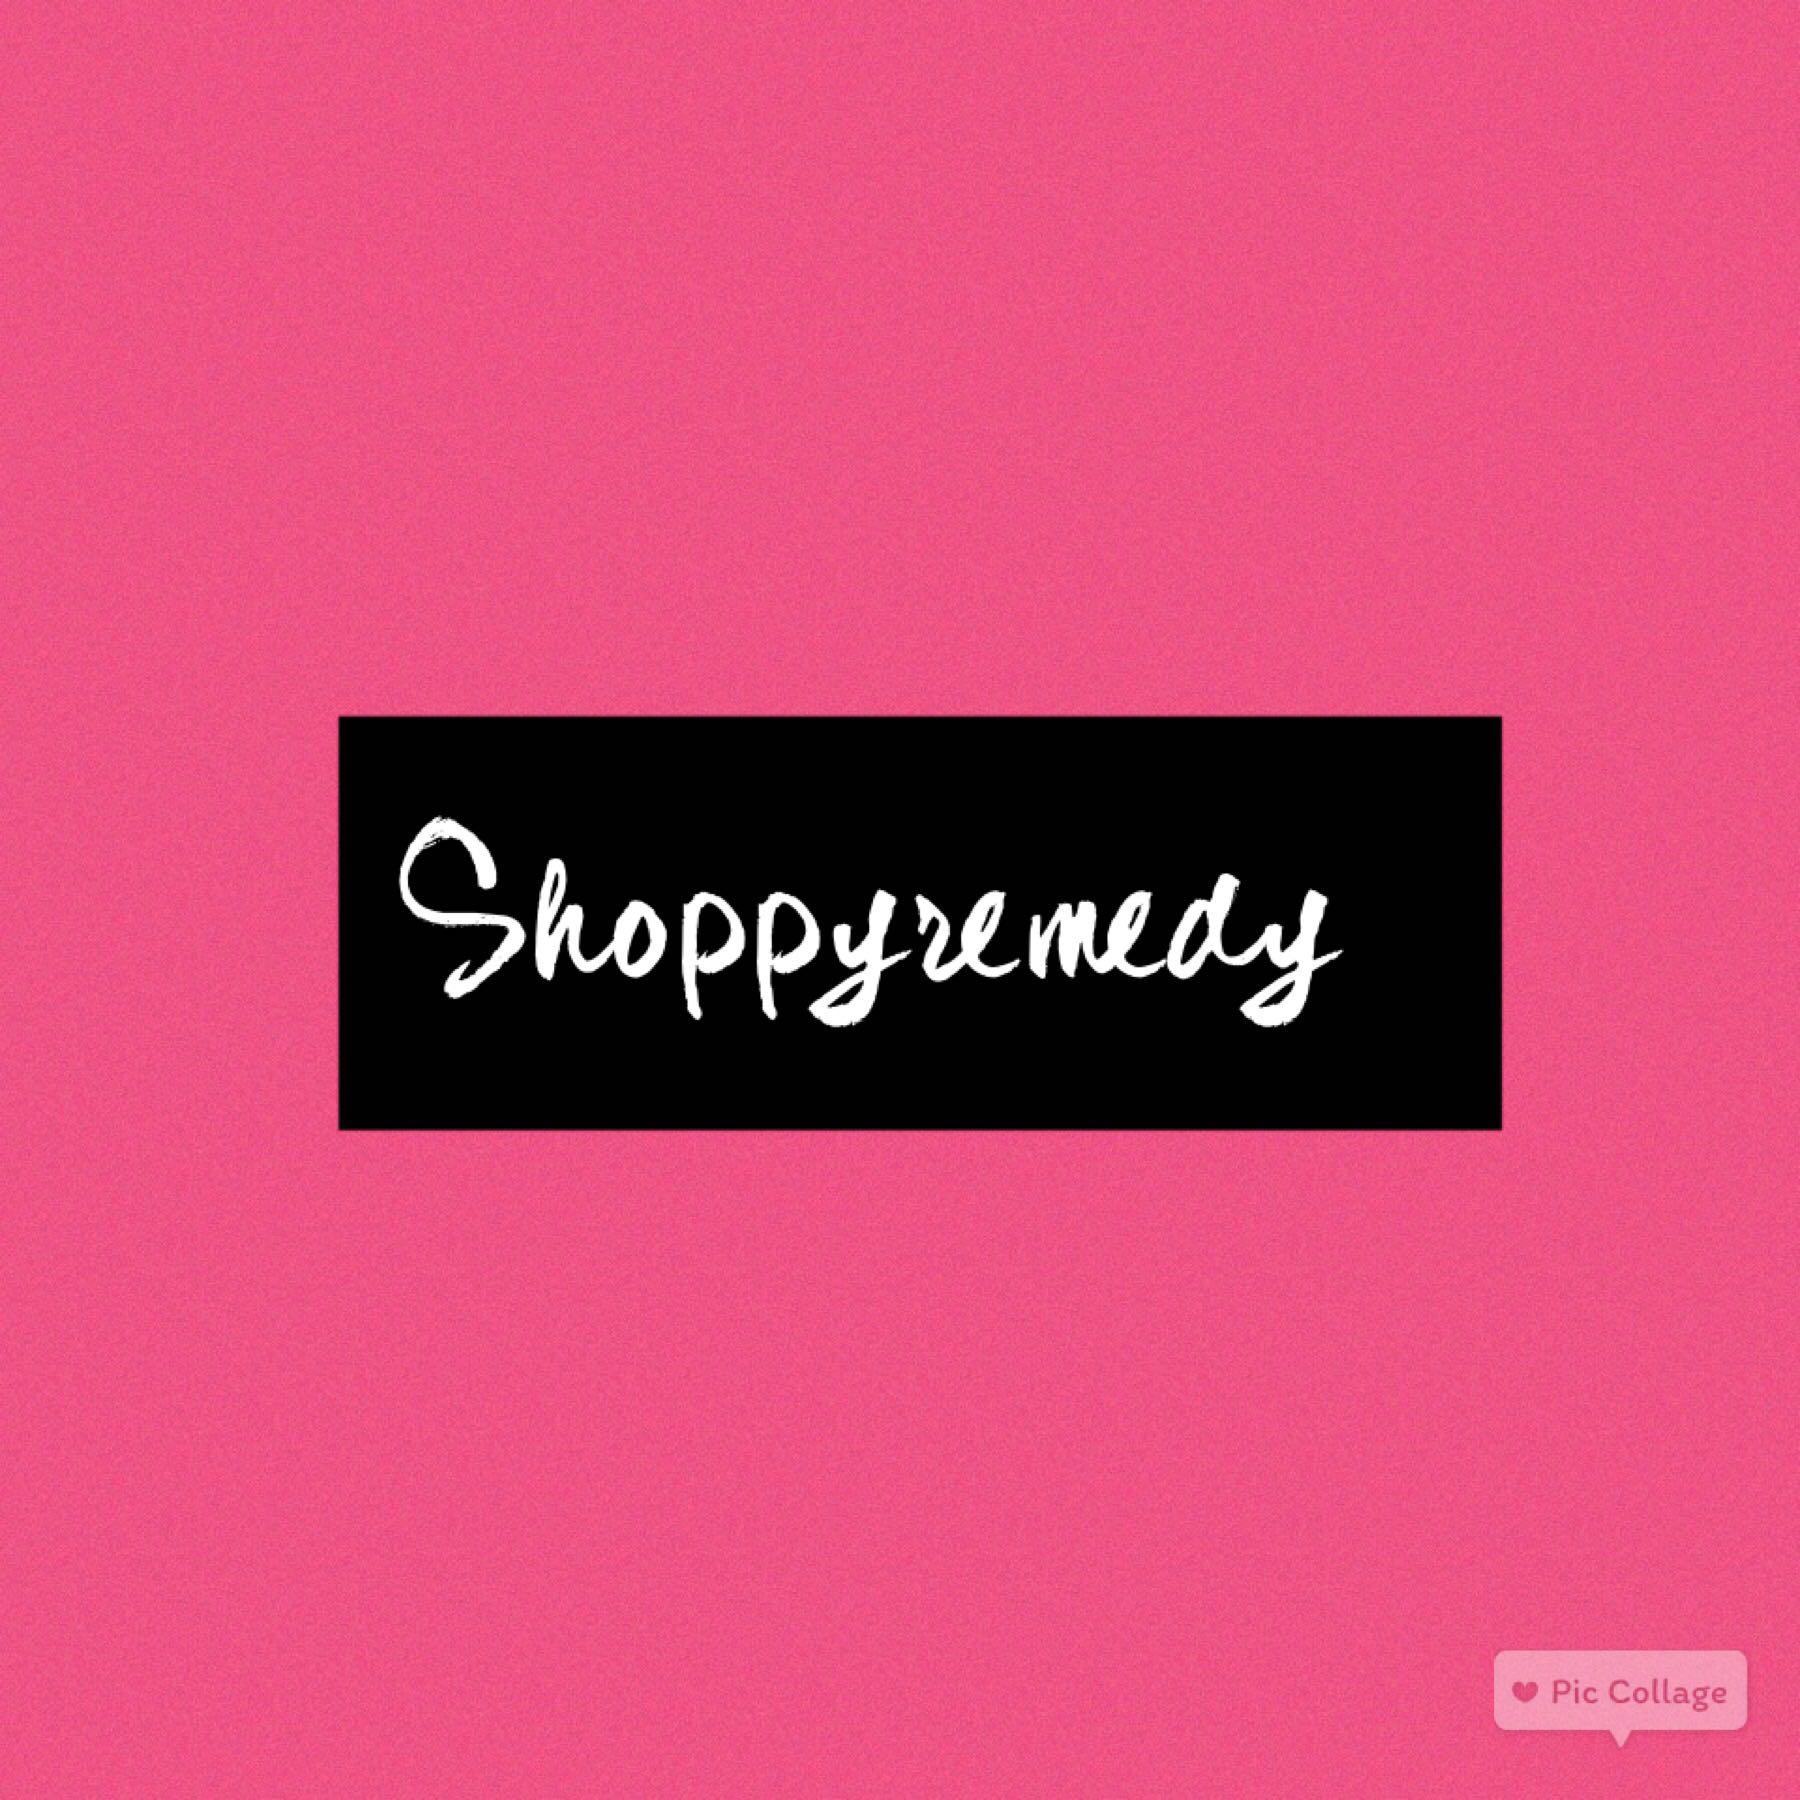 shoppyremedy